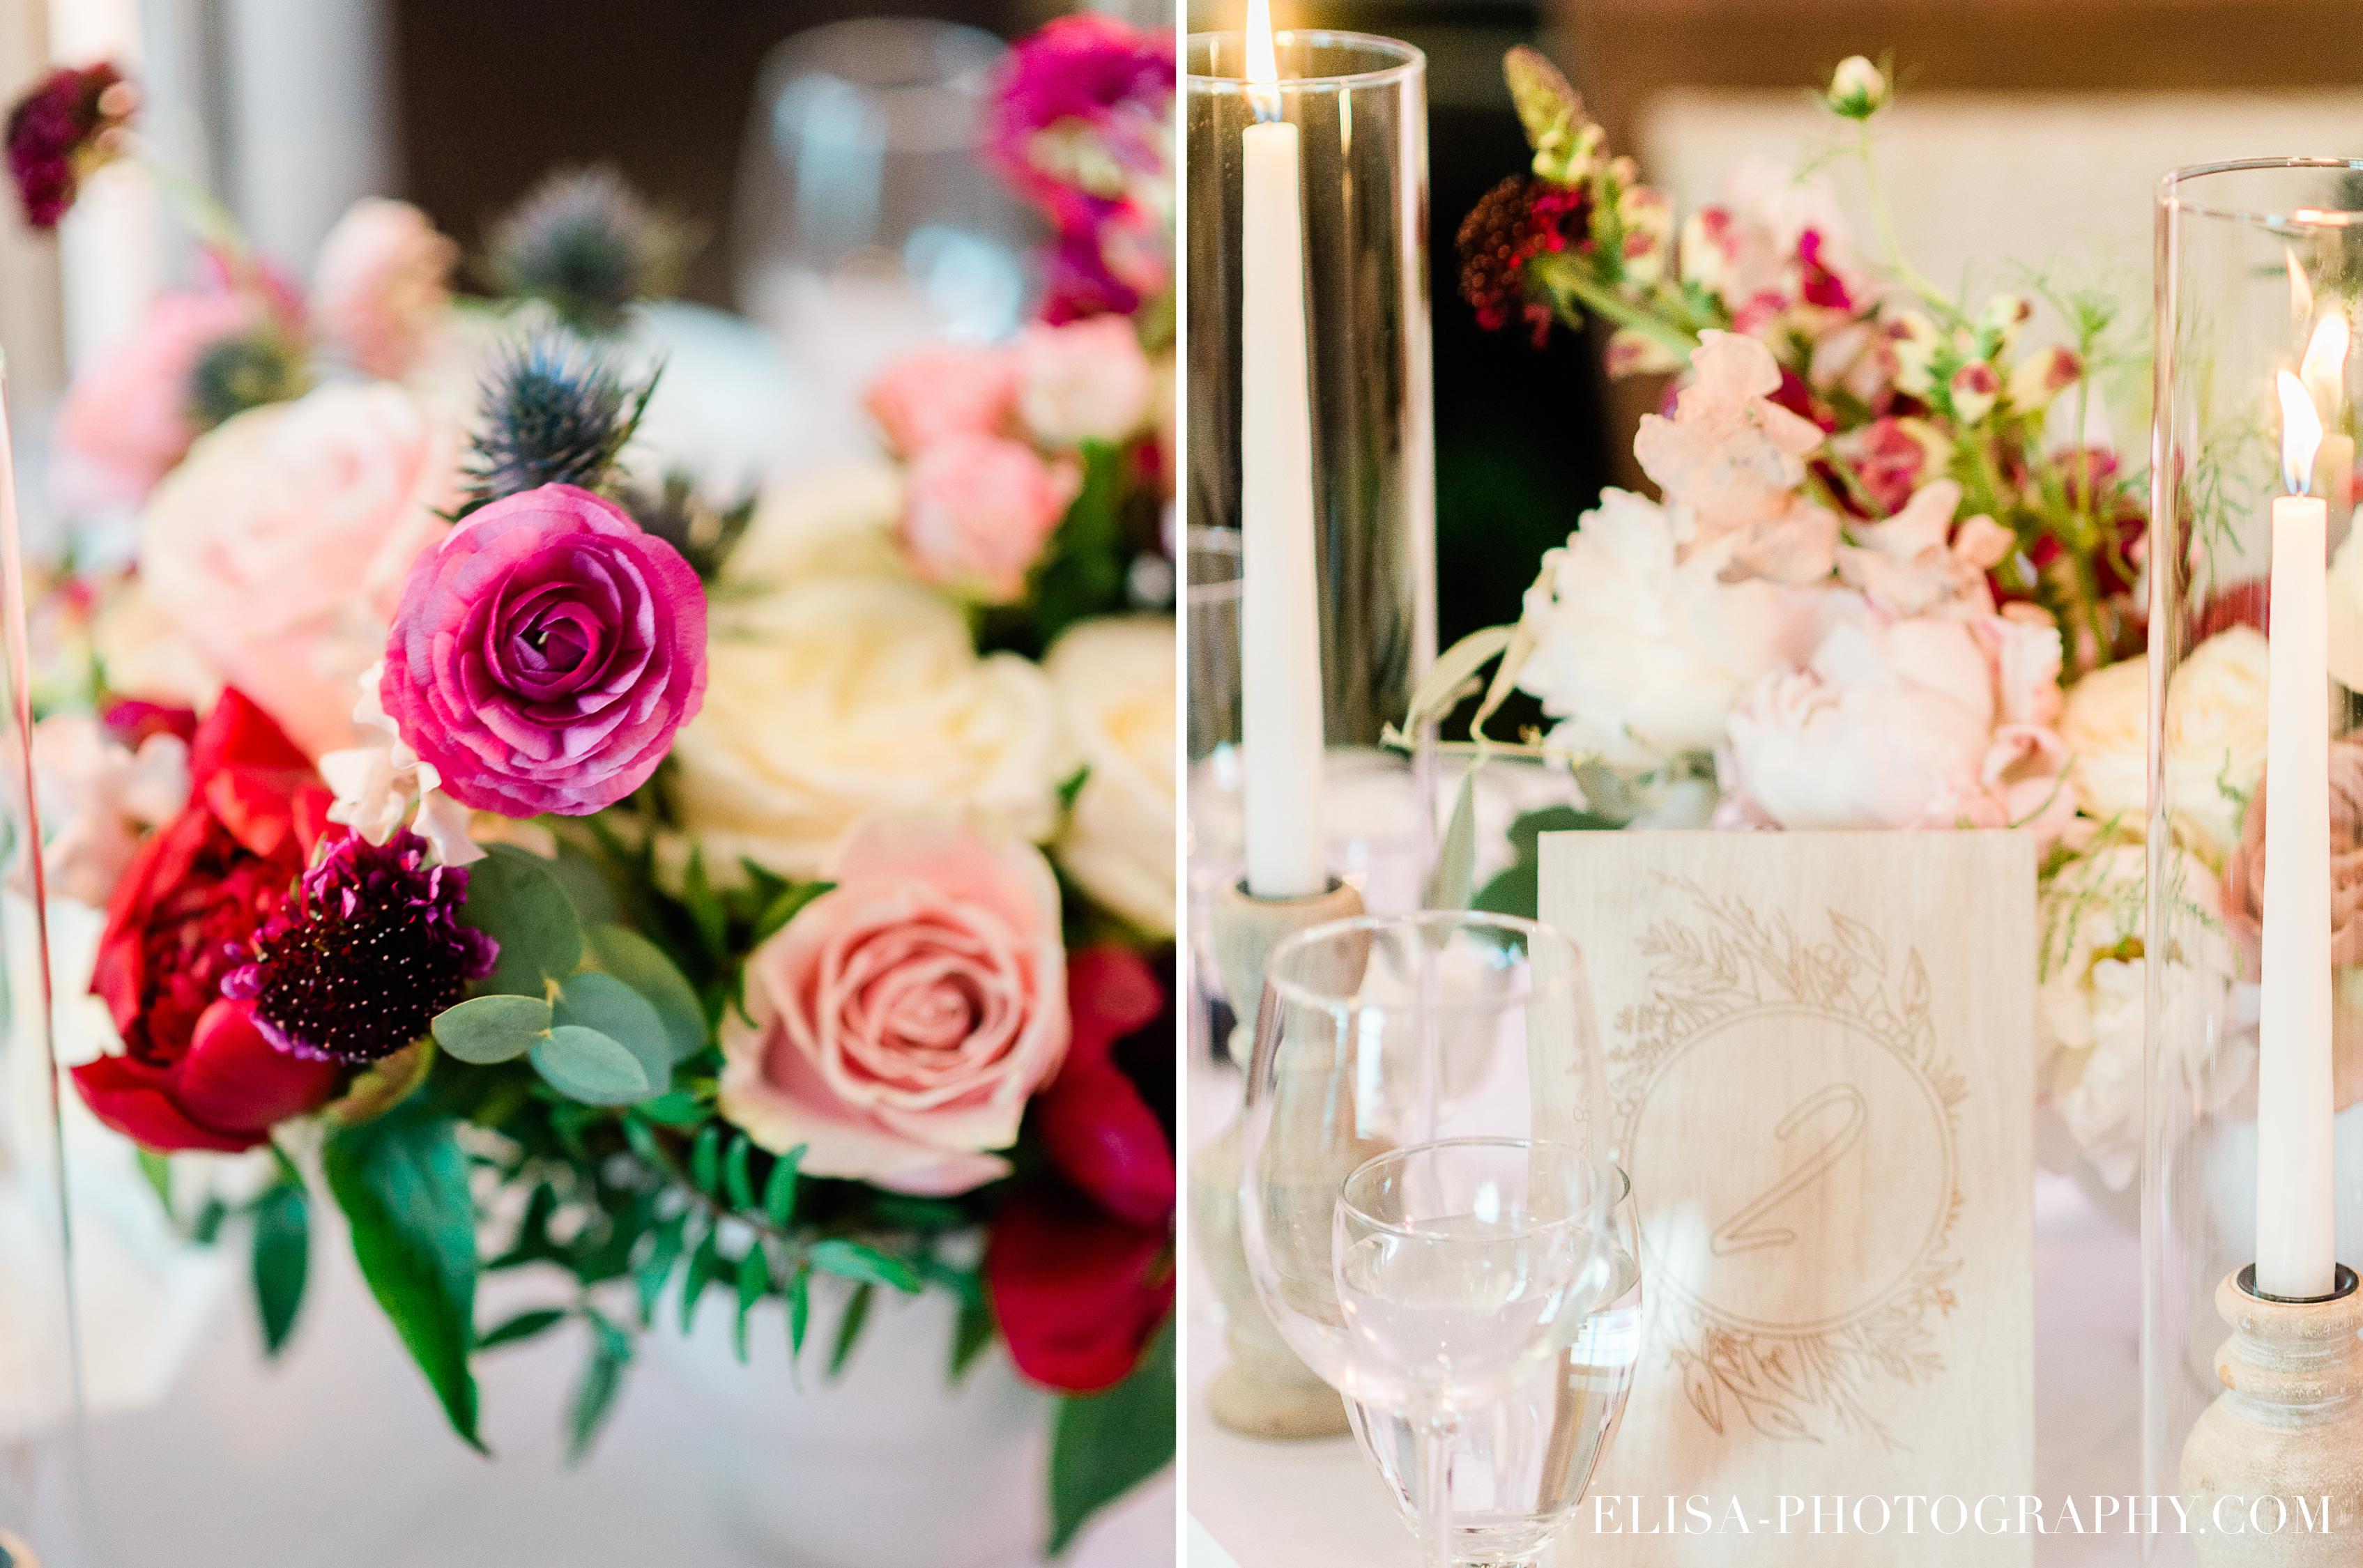 photo mariage domaine cataraqui quebec elisa photographe centres de table blush bourgogne rose - Mariage élégant et discret au coeur du magnifique Domaine Cataraqui, Québec